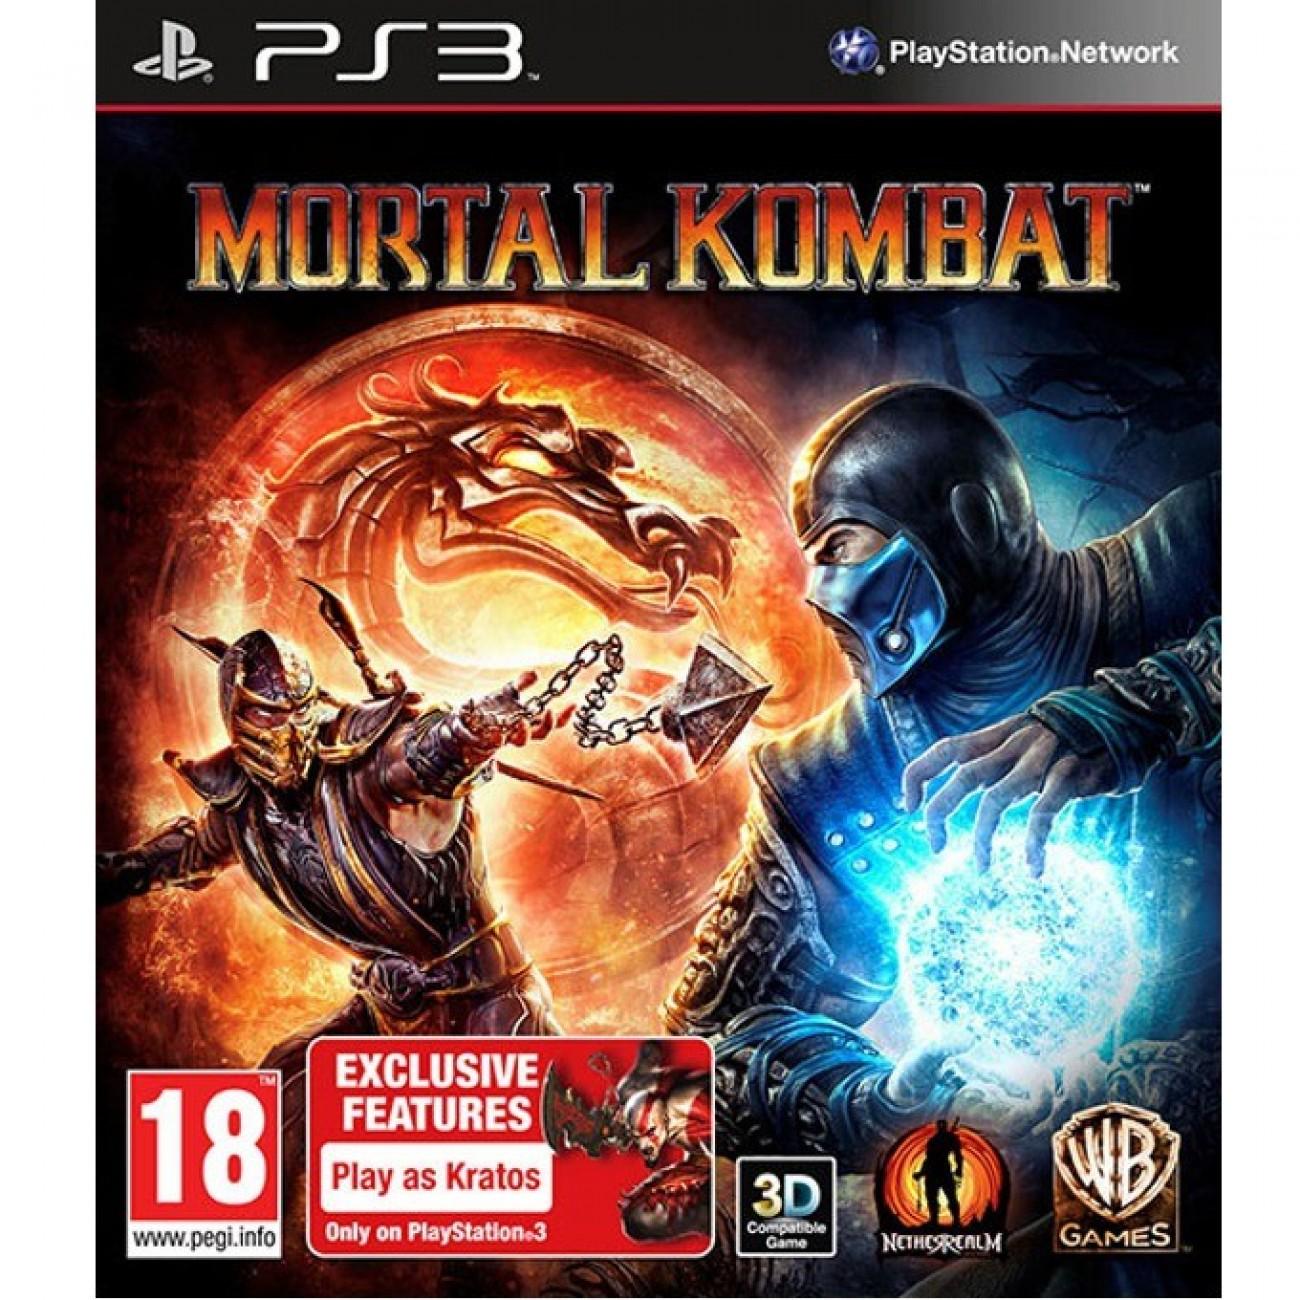 Mortal Kombat (3D съвместимост), за PlayStation 3 в Игри за Конзоли -  | Alleop